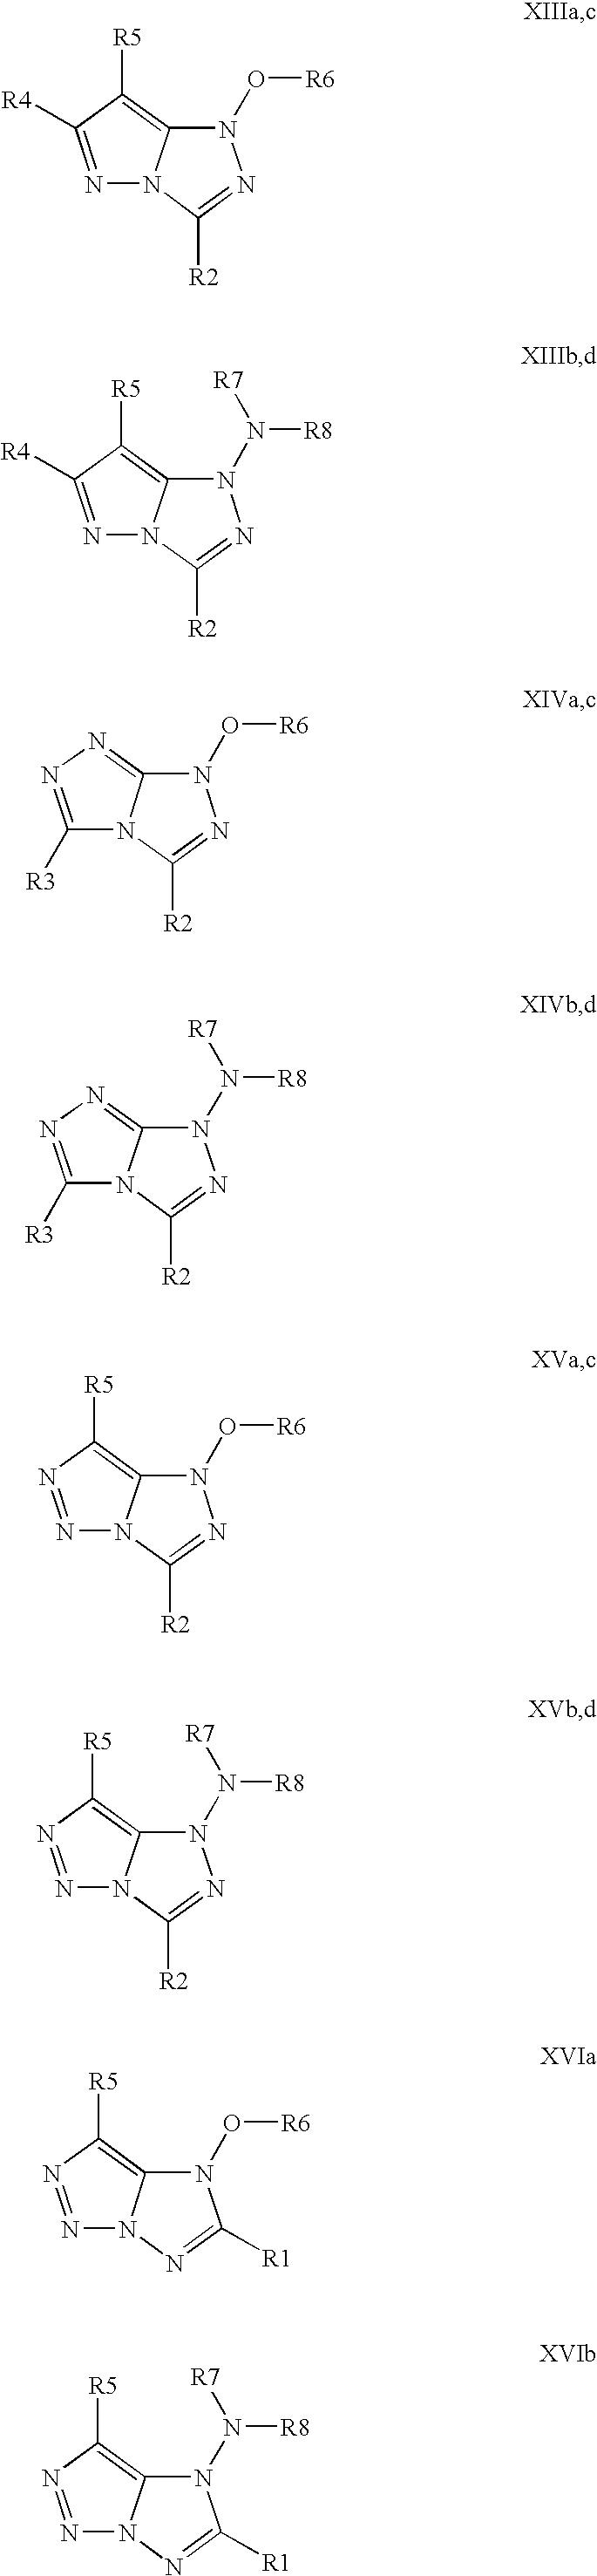 Figure US07288123-20071030-C00073